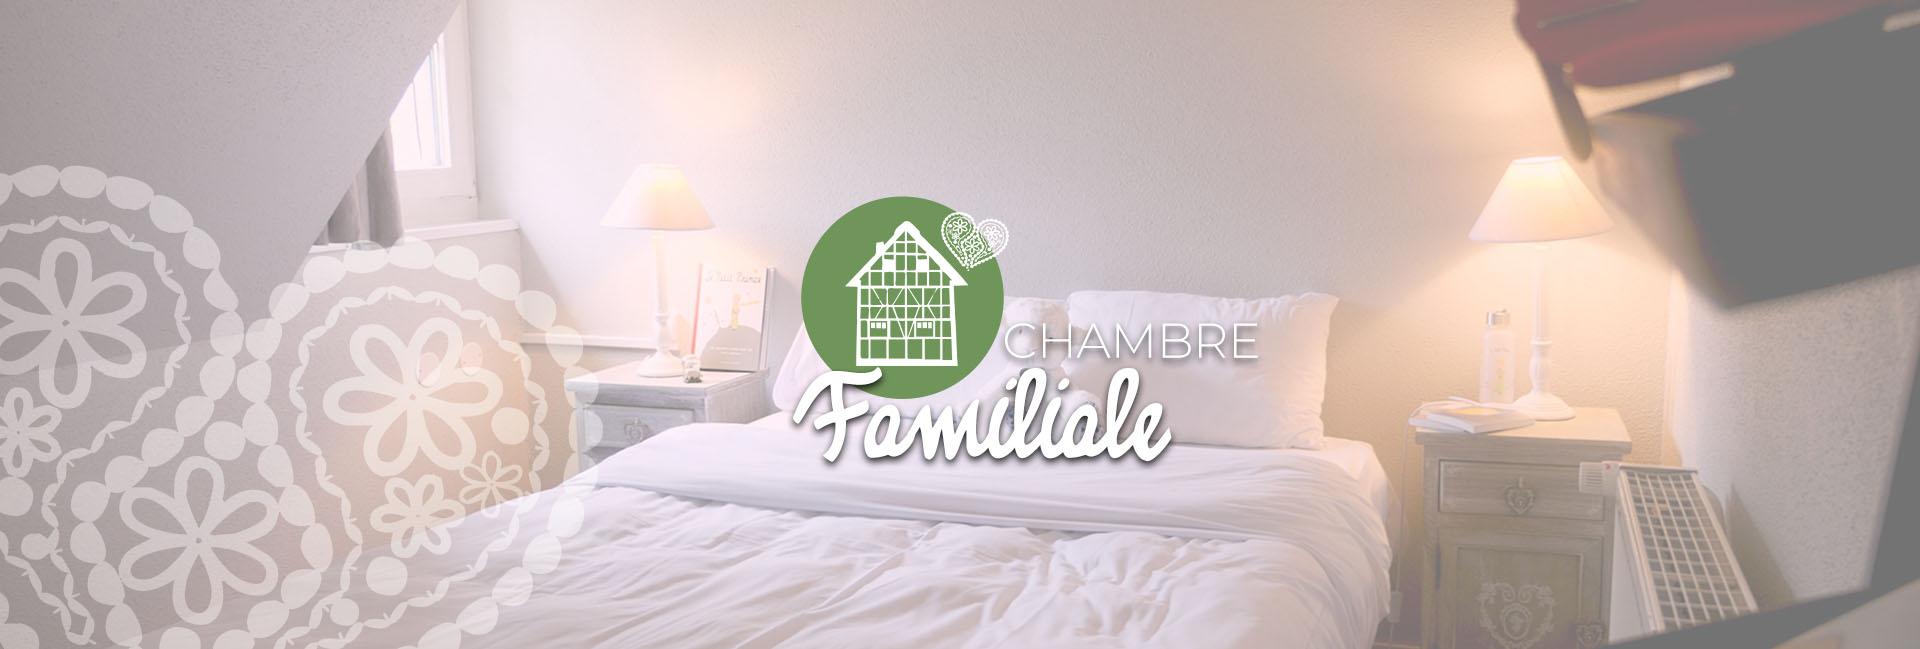 chambrefamiliale-hotelloge